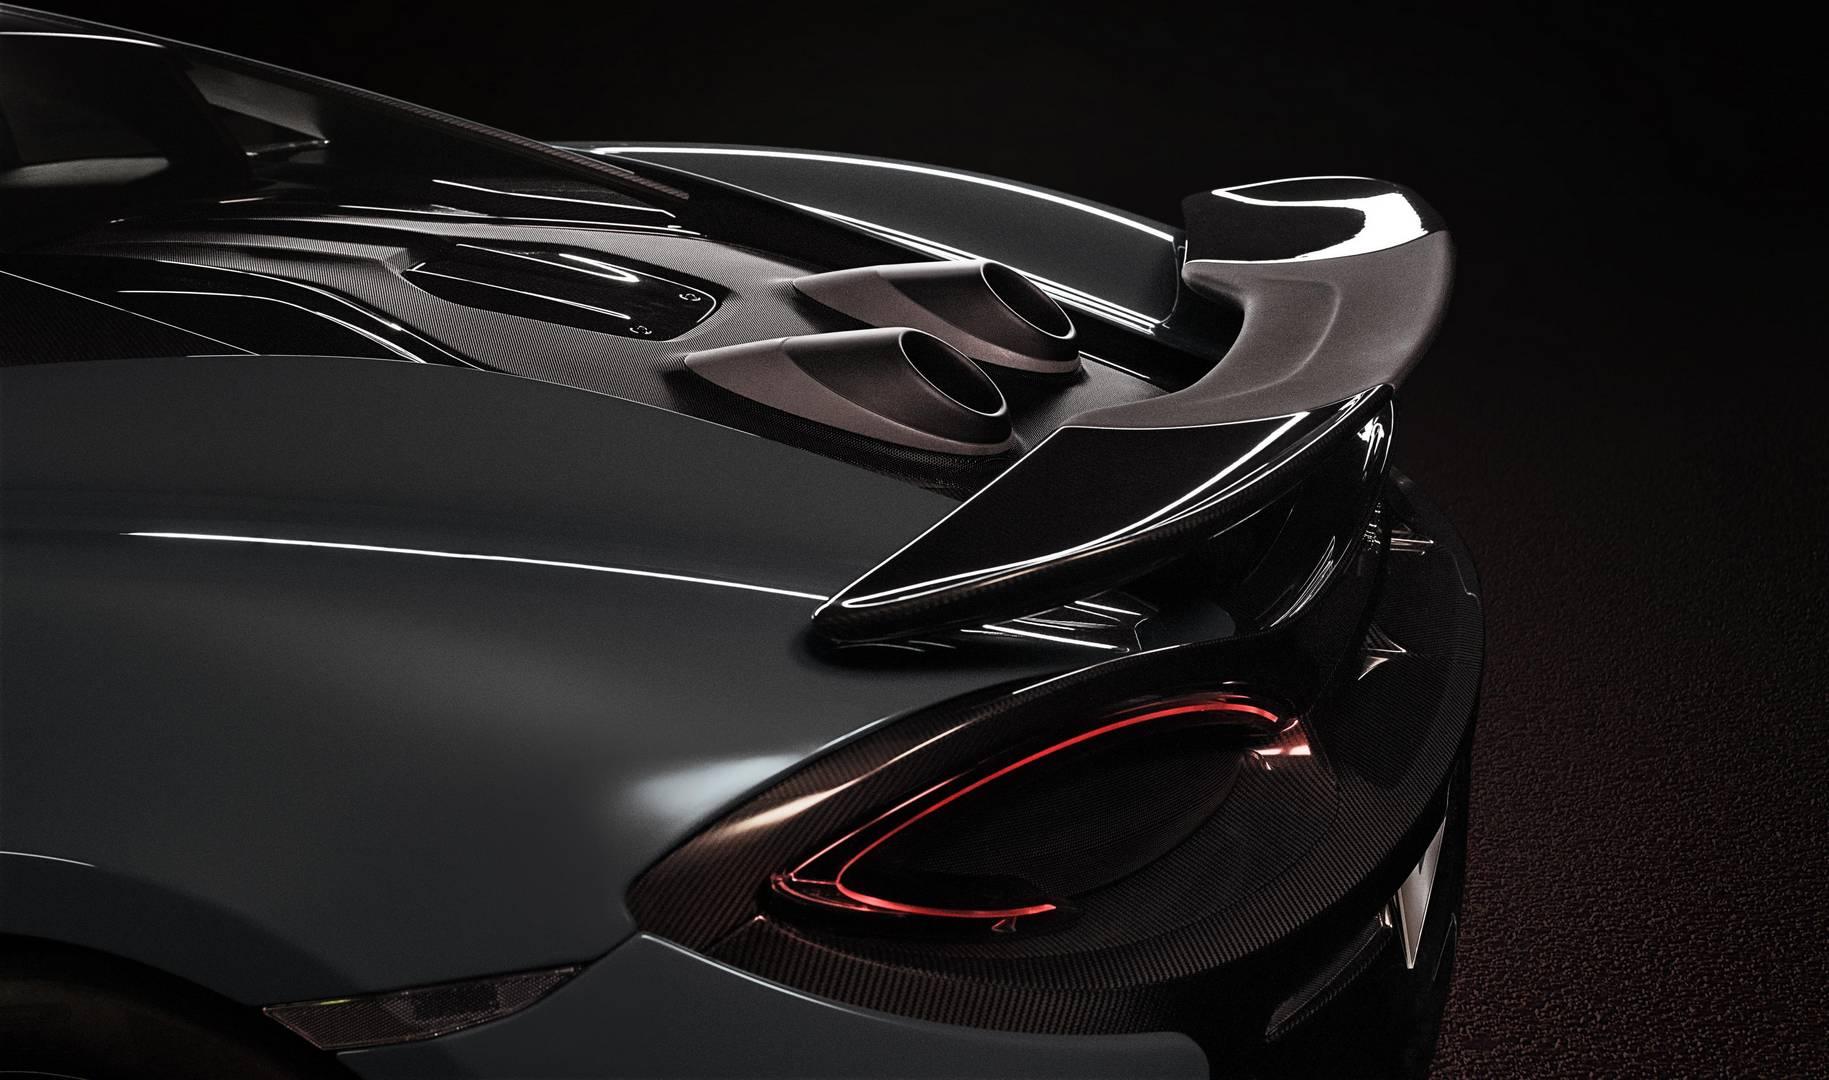 3,8-литровый двухцилиндровый V8 от McLaren производит 600 л.с. и 620 Нм крутящего момента.